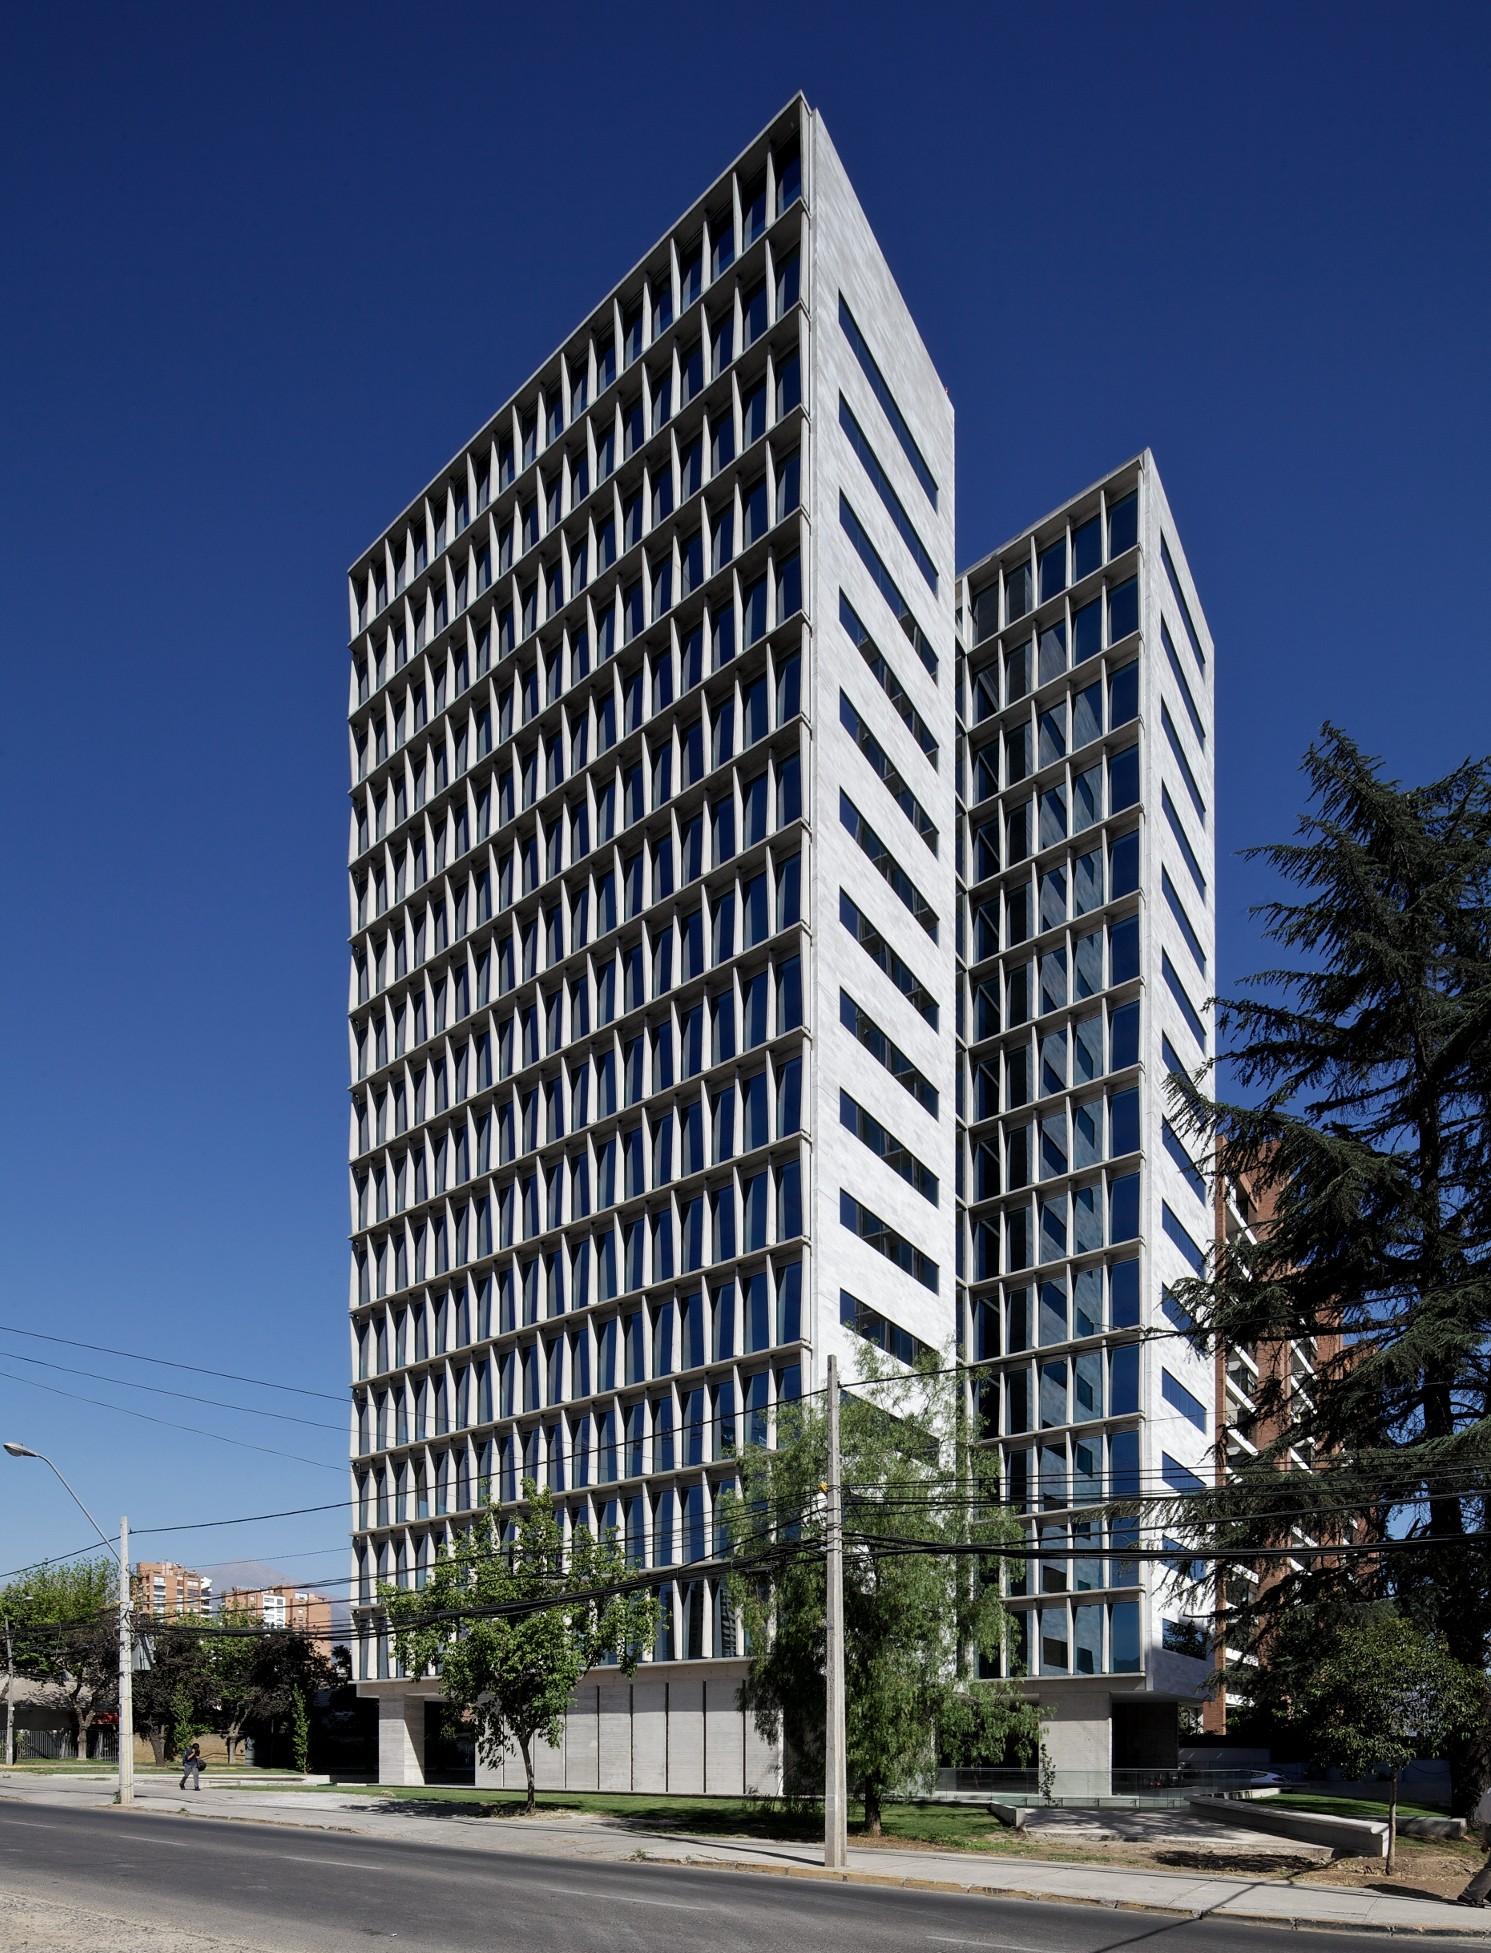 Edificio de Escritórios / Mobil Arquitectos + Cruz & Browne arquitectos, © Nico Saieh